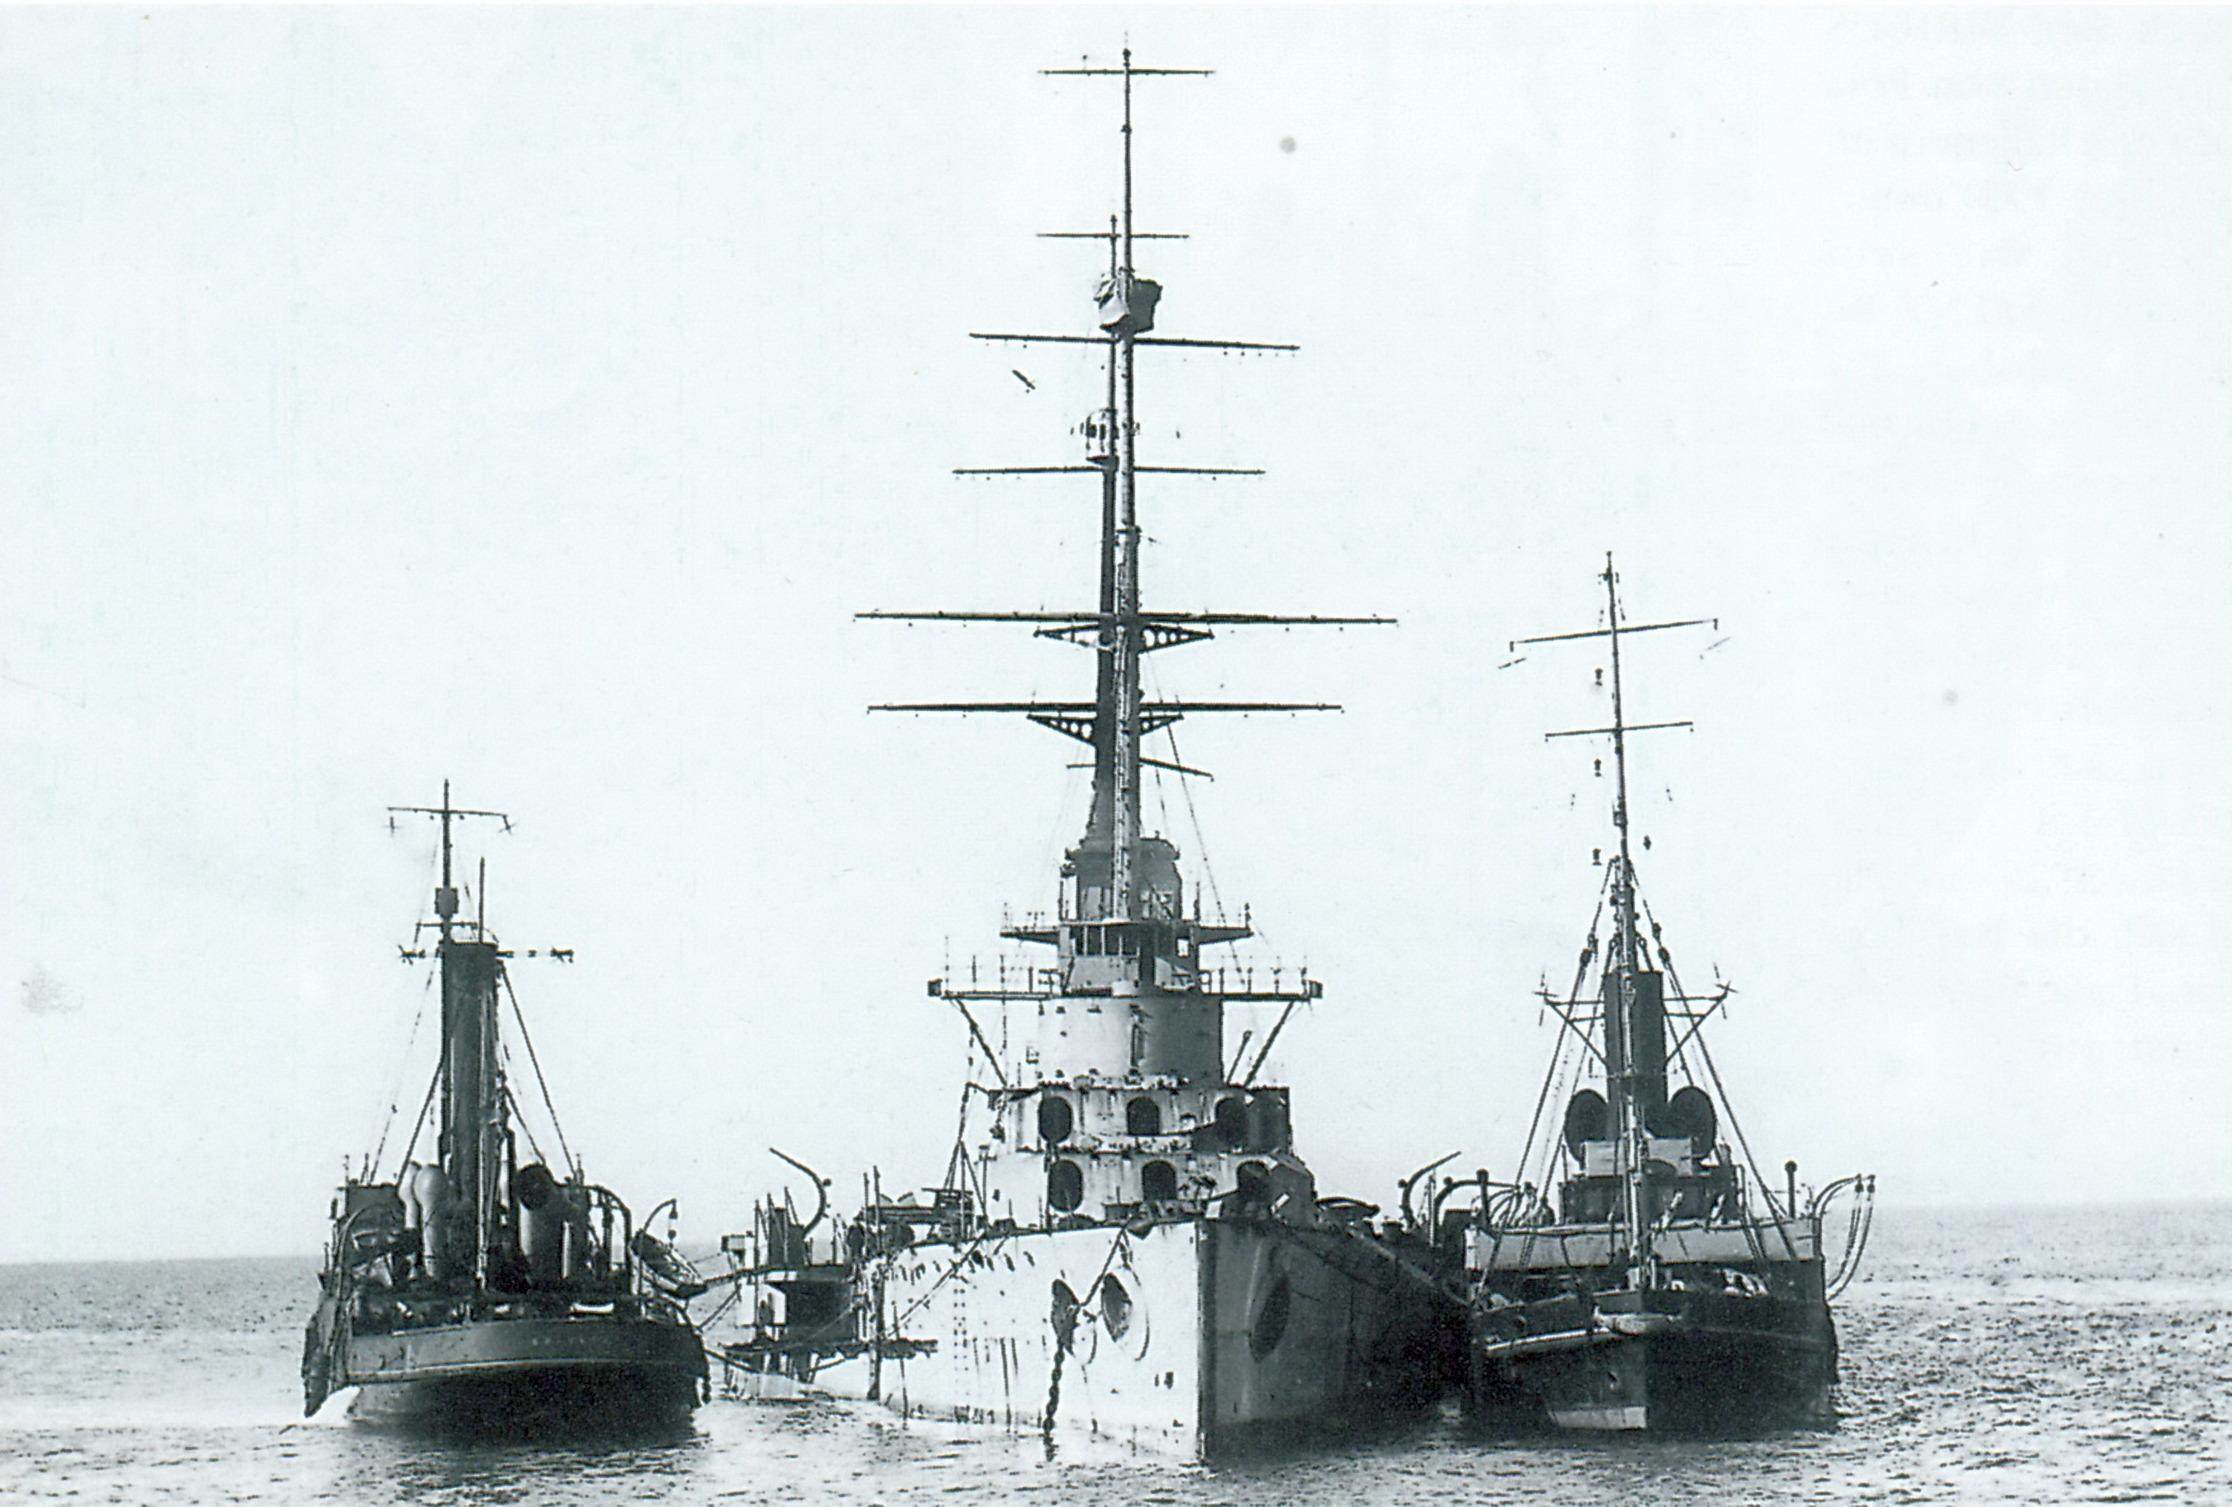 A megsüllyedt csatahajó, a mellette álló vontatókkal.